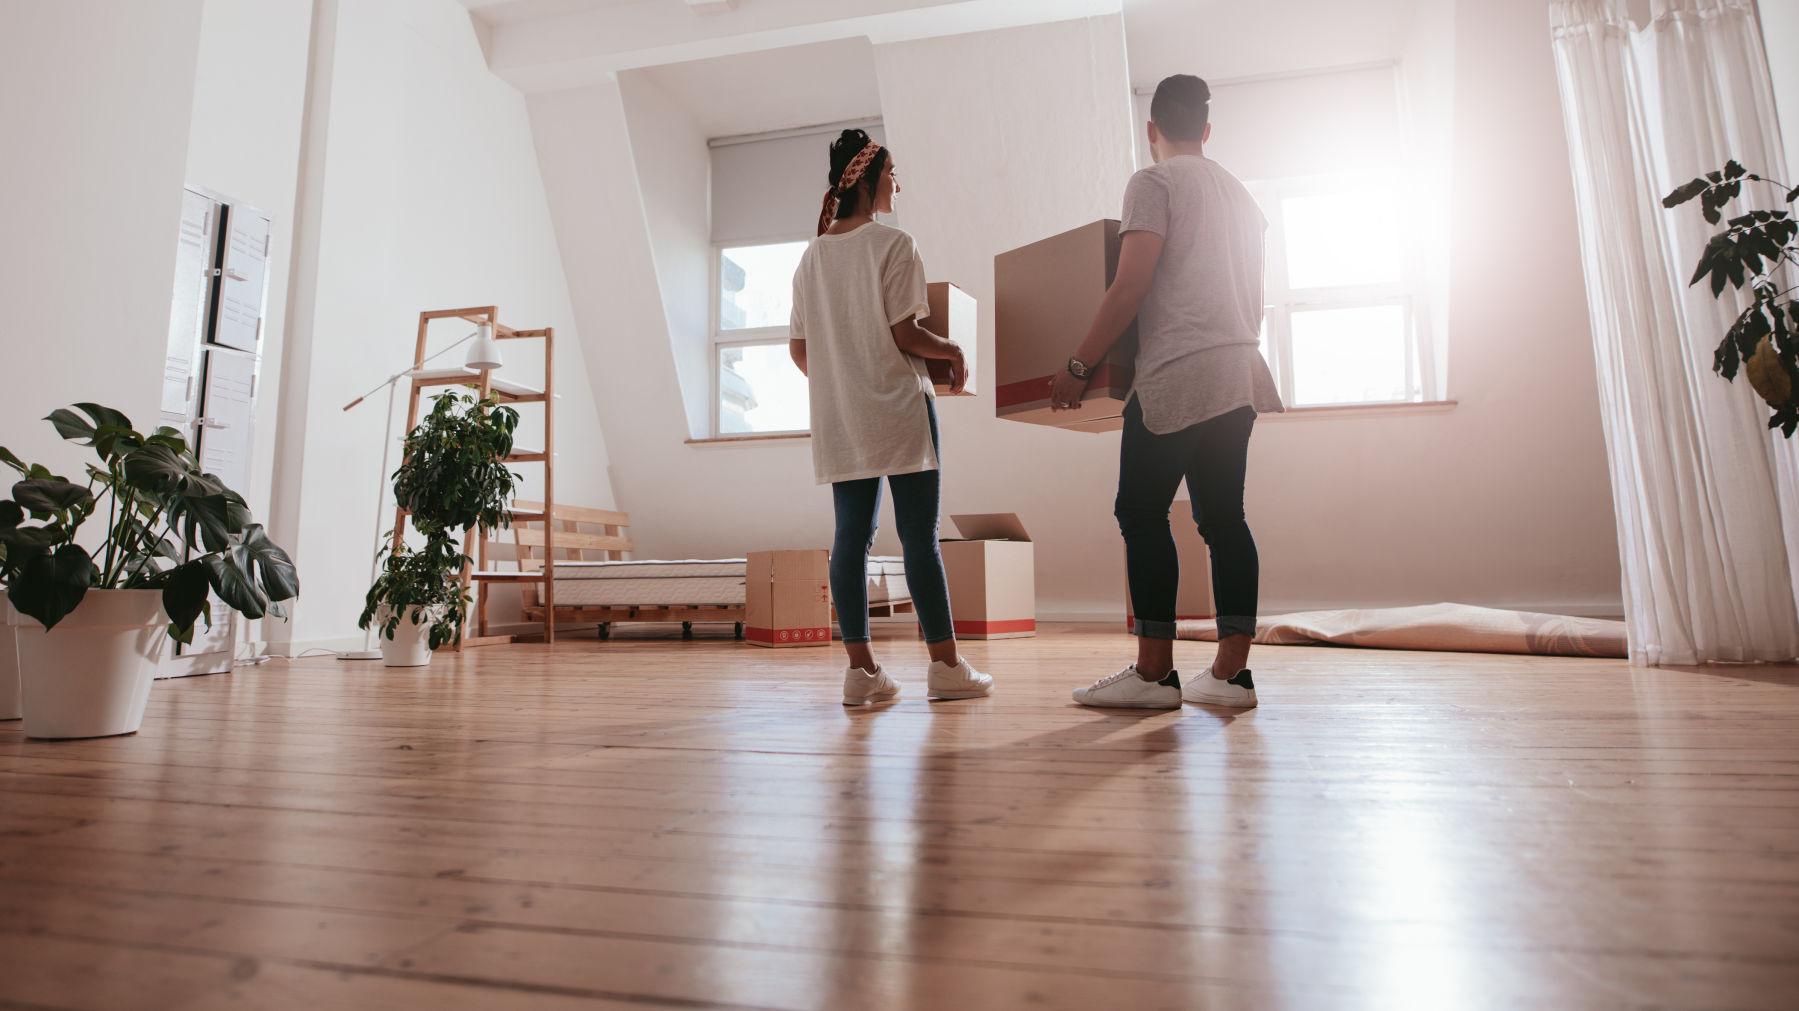 wohnungsbewerbung bewerbungsunterlagen fr die traumwohnung homeday - Wohnung Bewerbung